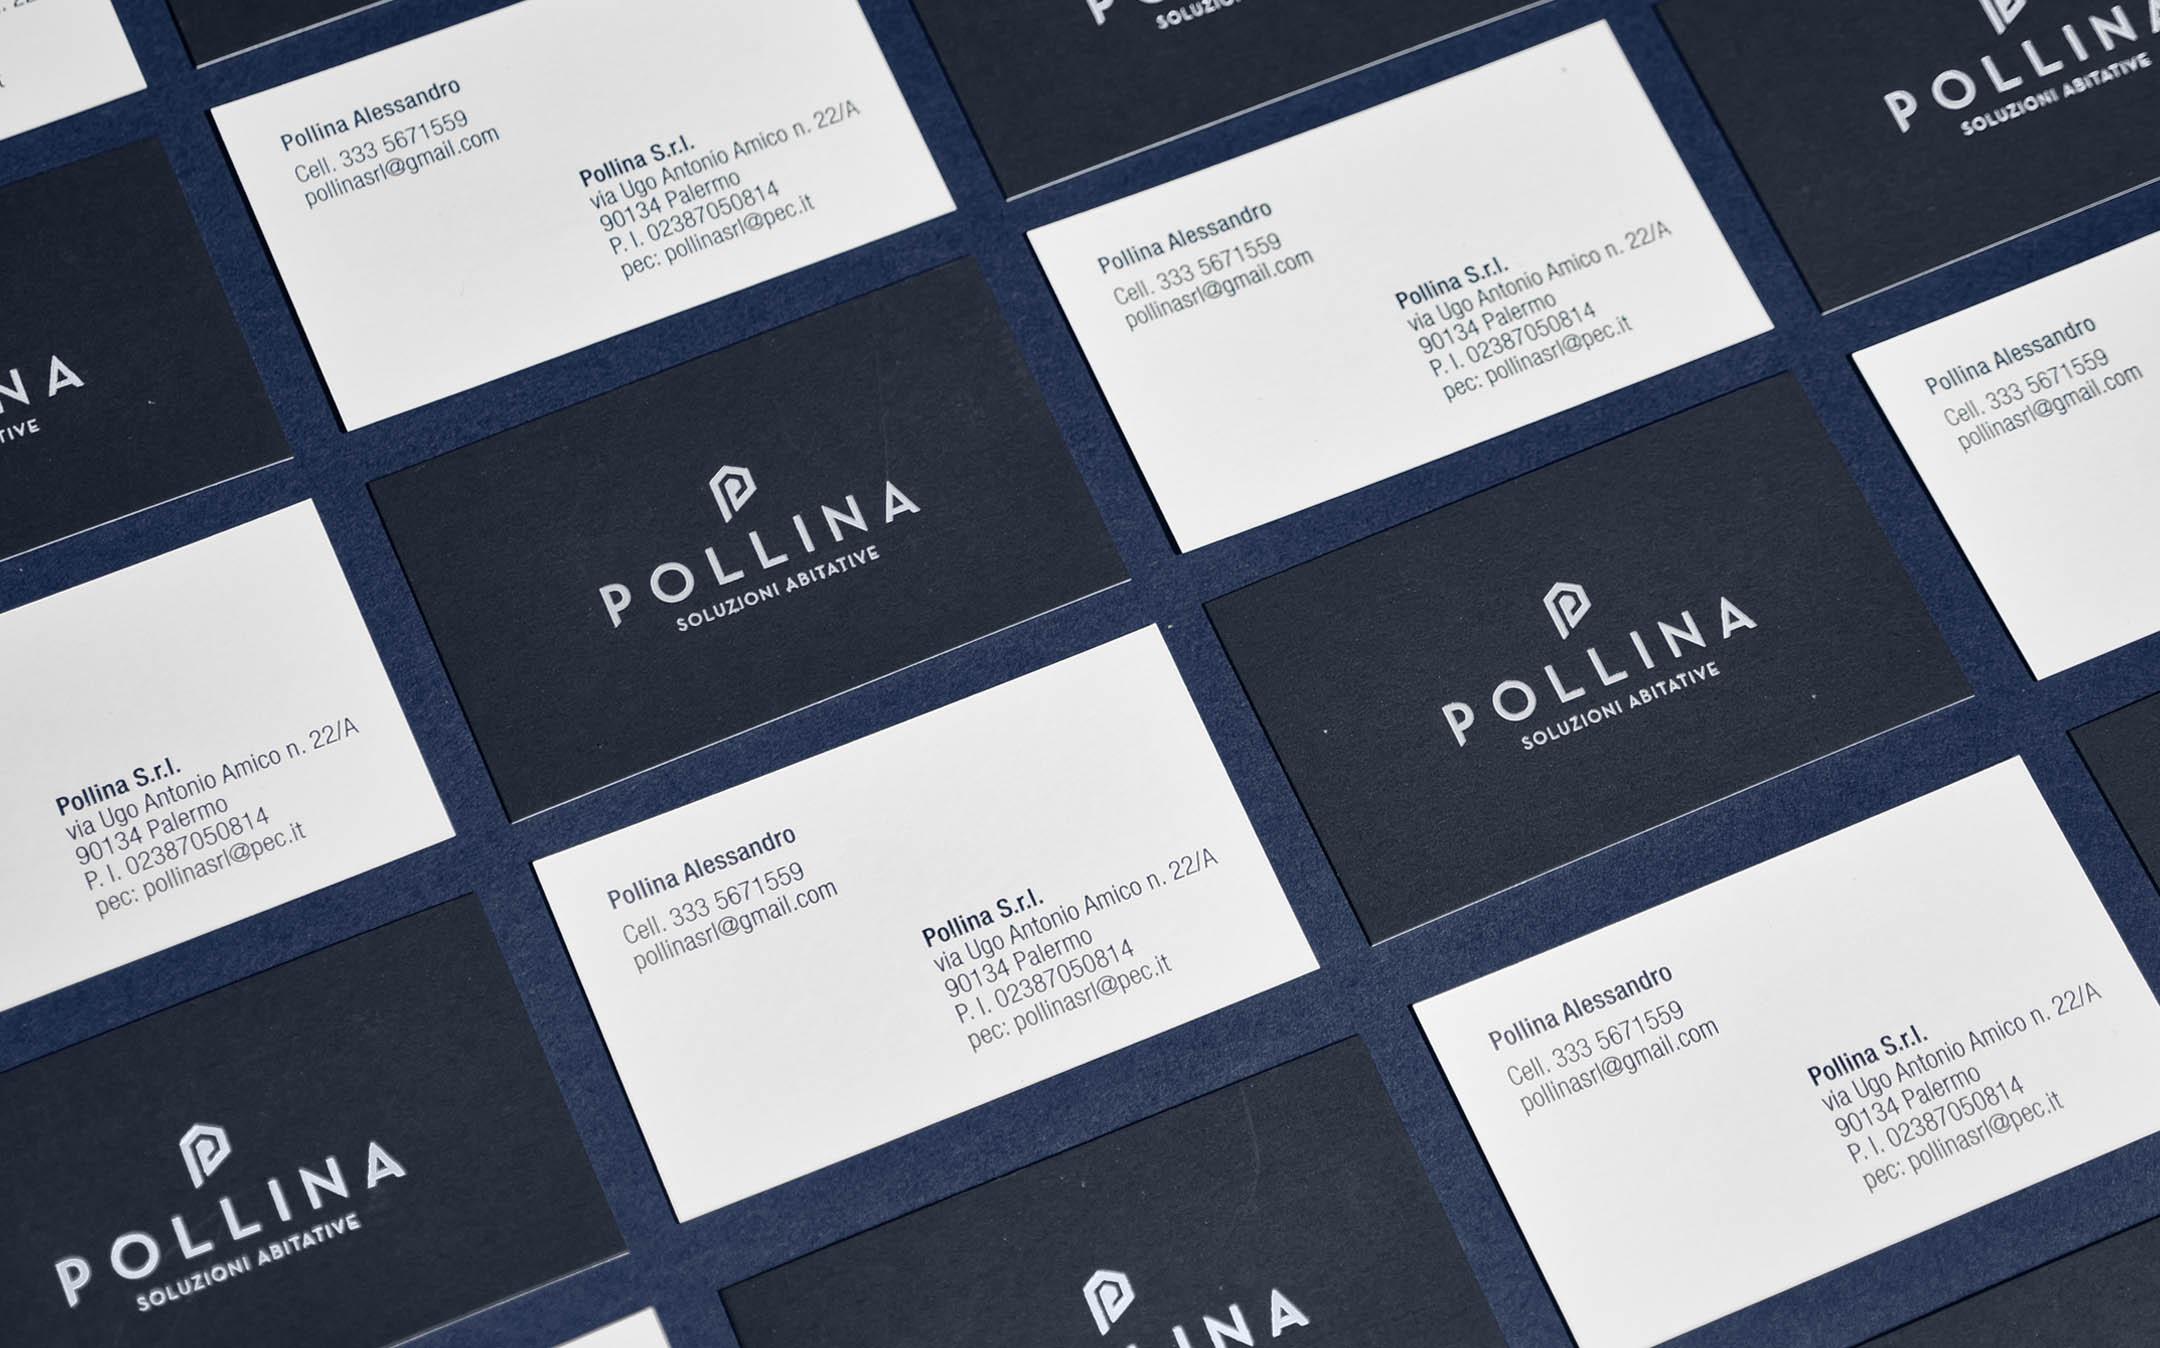 biglietti_pollina